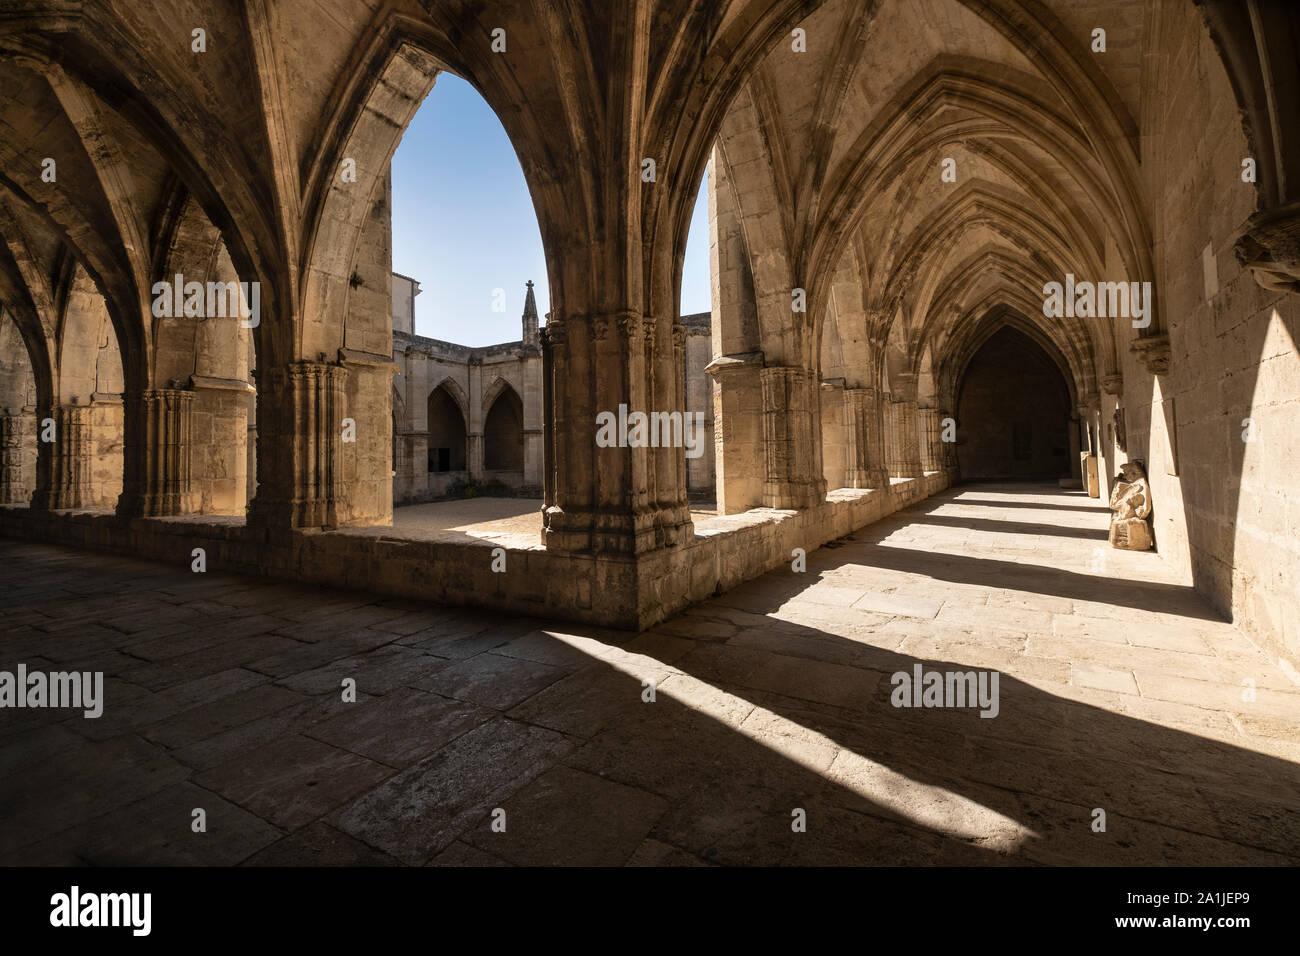 Los claustros en Beziers Catedral de Saint-Nazaire y Saint Celse. Monumento gótico construido en el lugar de la matanza por la cruzada Albigense Foto de stock